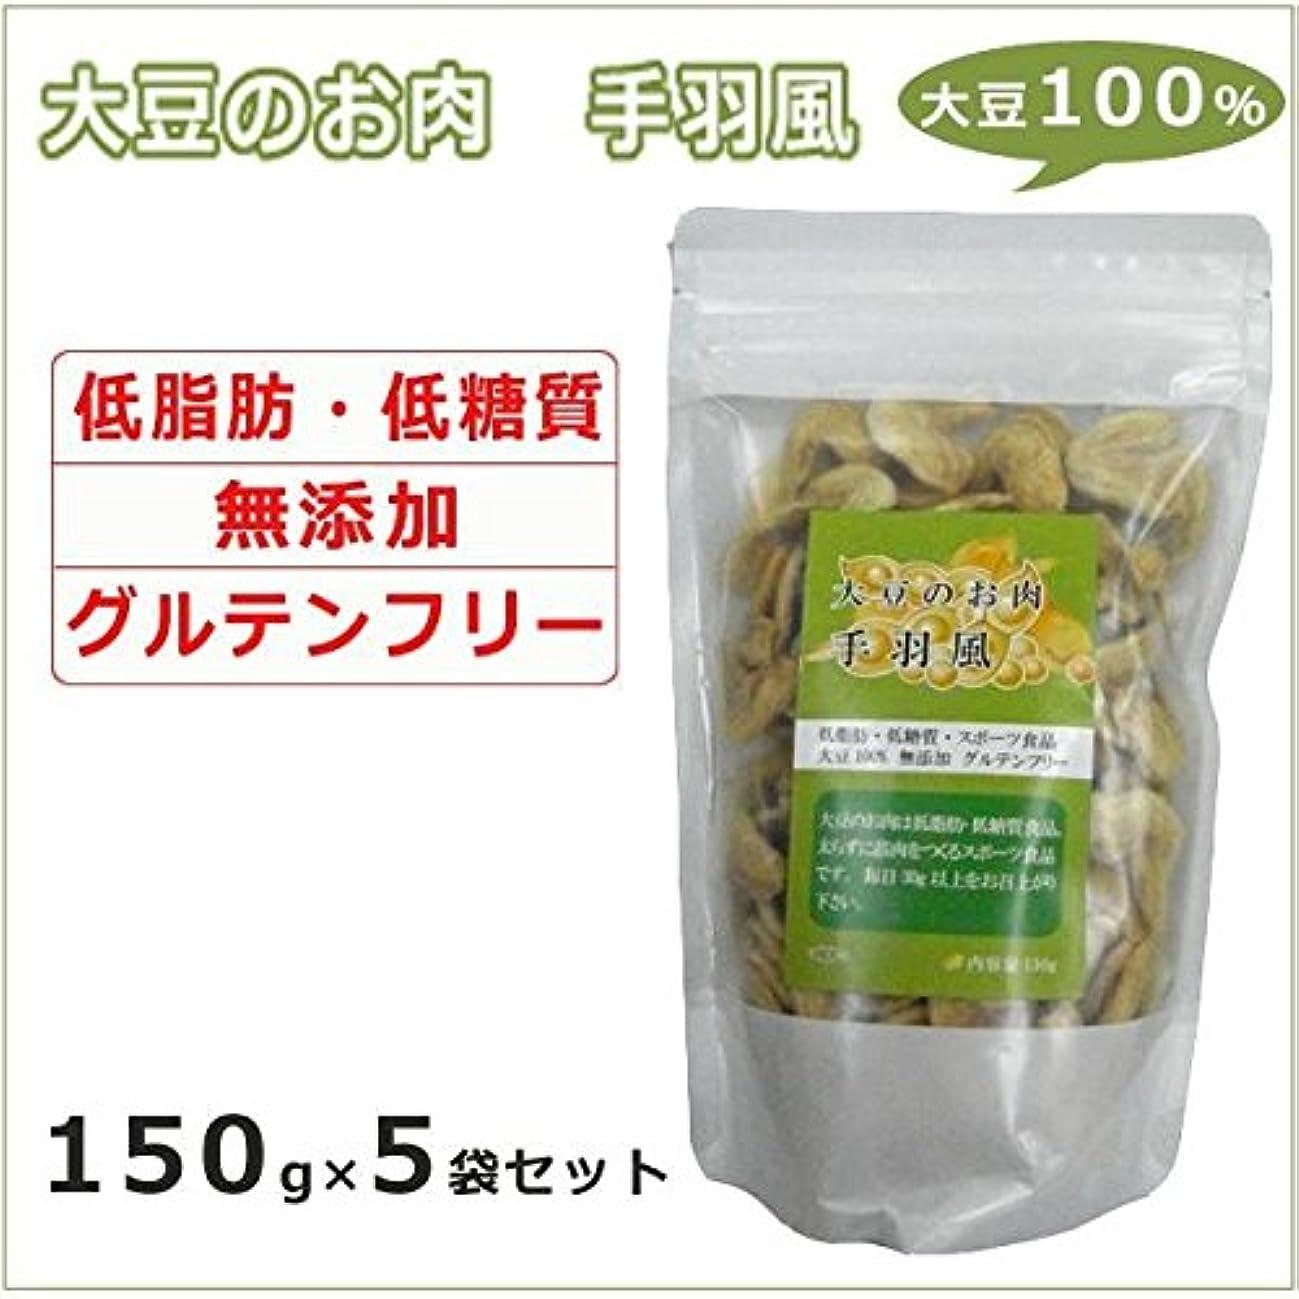 致死作り上げる後継大豆のお肉 ソイミート 手羽風 150g×5袋